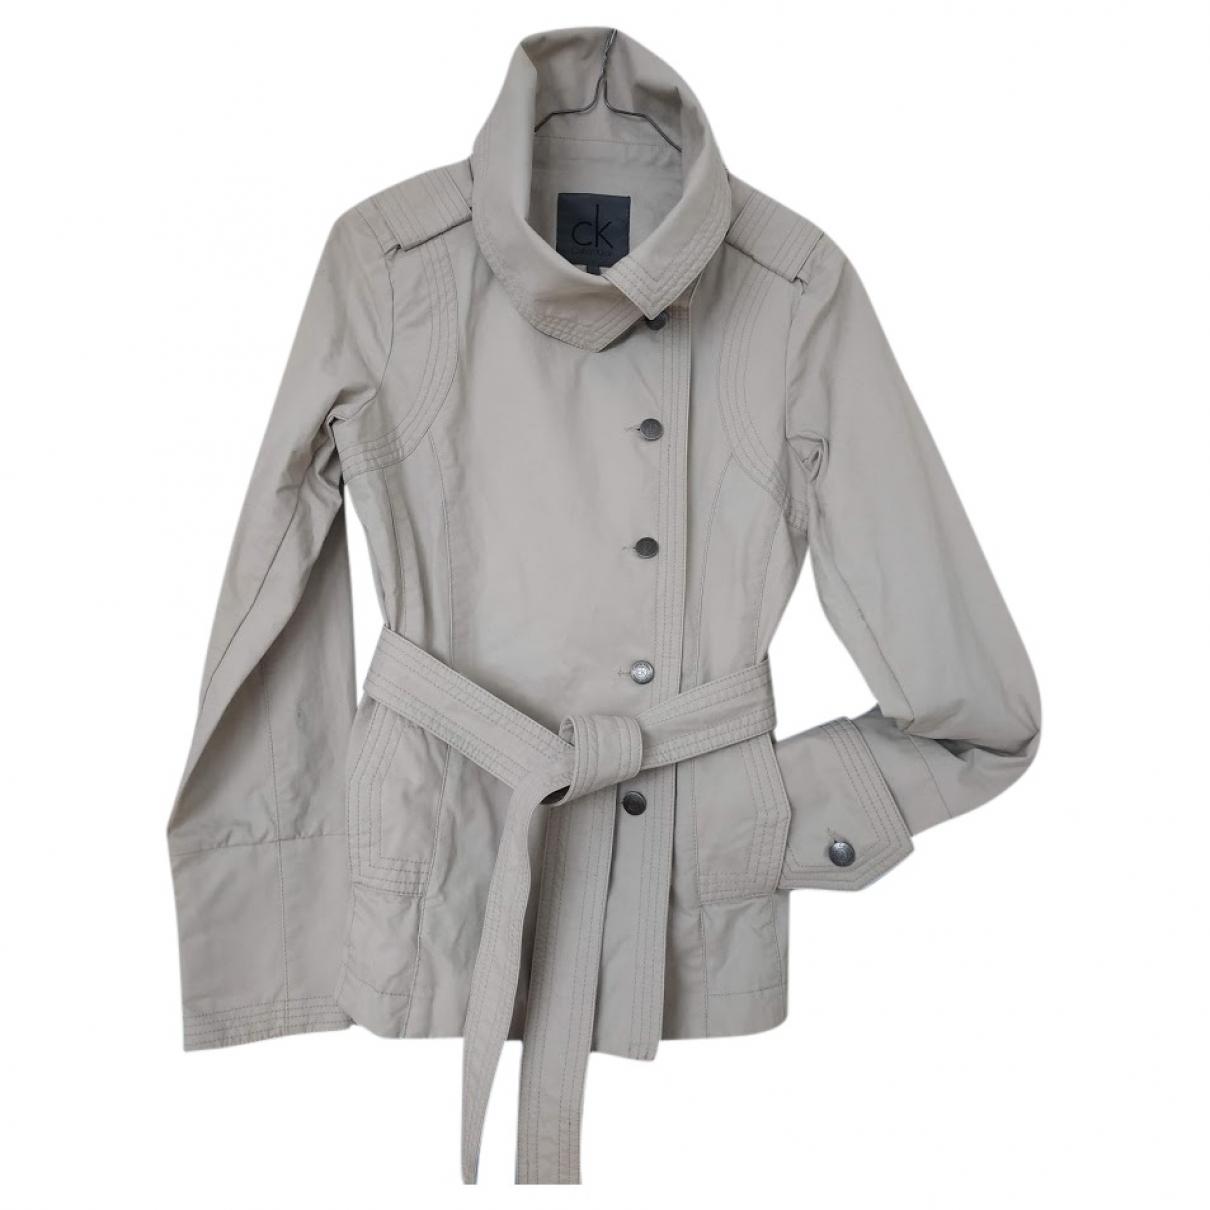 Calvin Klein \N Beige Cotton jacket for Women S International